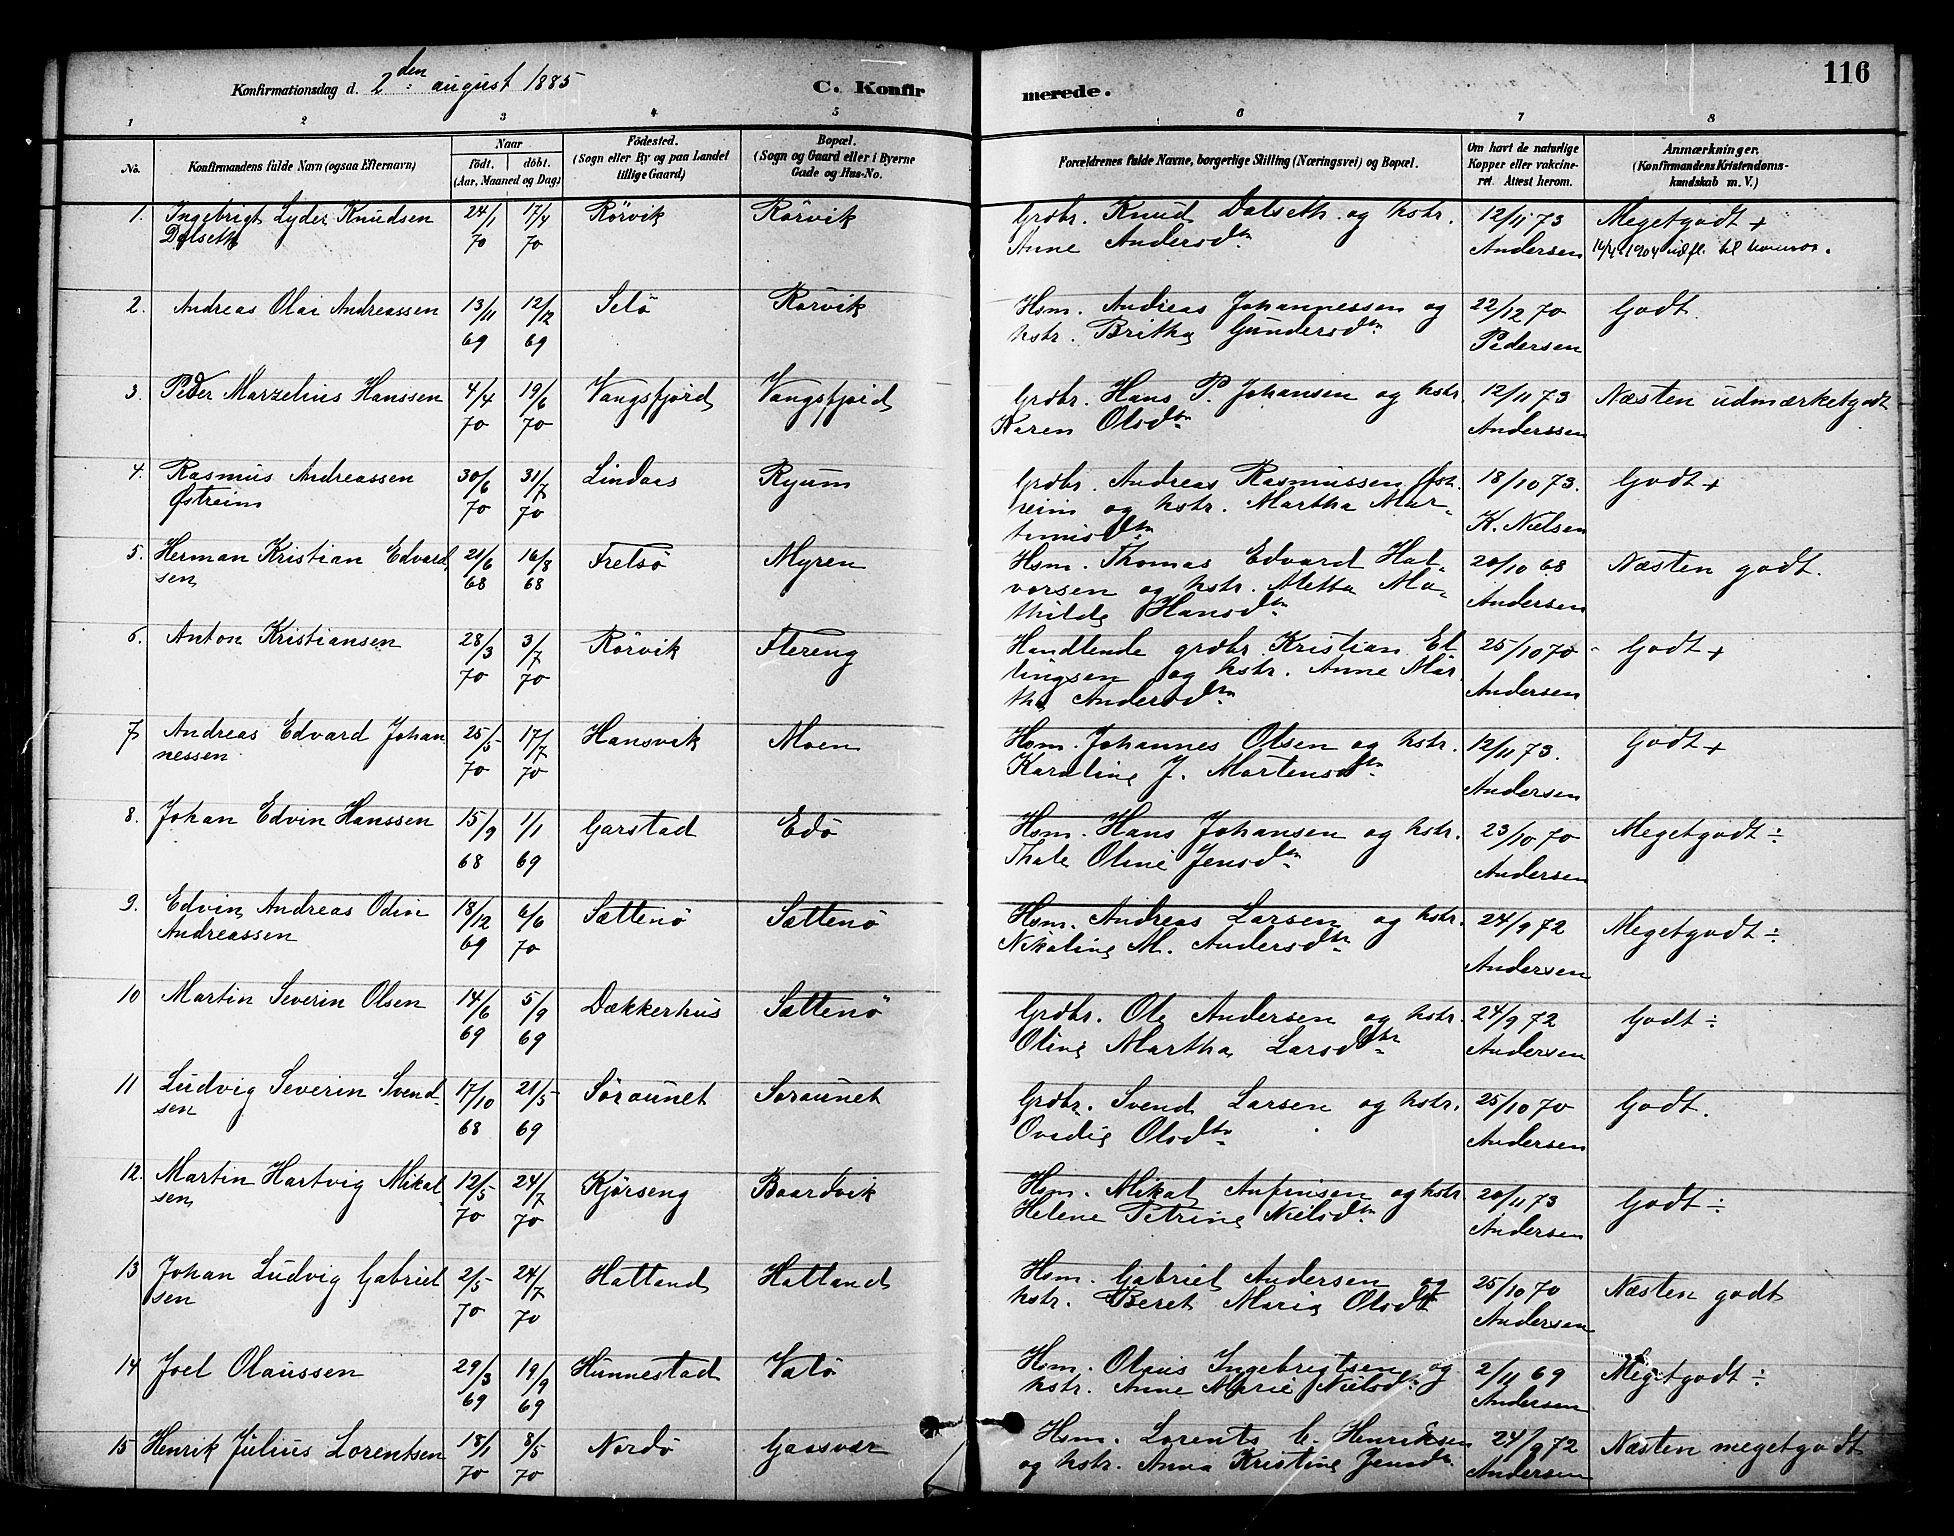 SAT, Ministerialprotokoller, klokkerbøker og fødselsregistre - Nord-Trøndelag, 786/L0686: Ministerialbok nr. 786A02, 1880-1887, s. 116